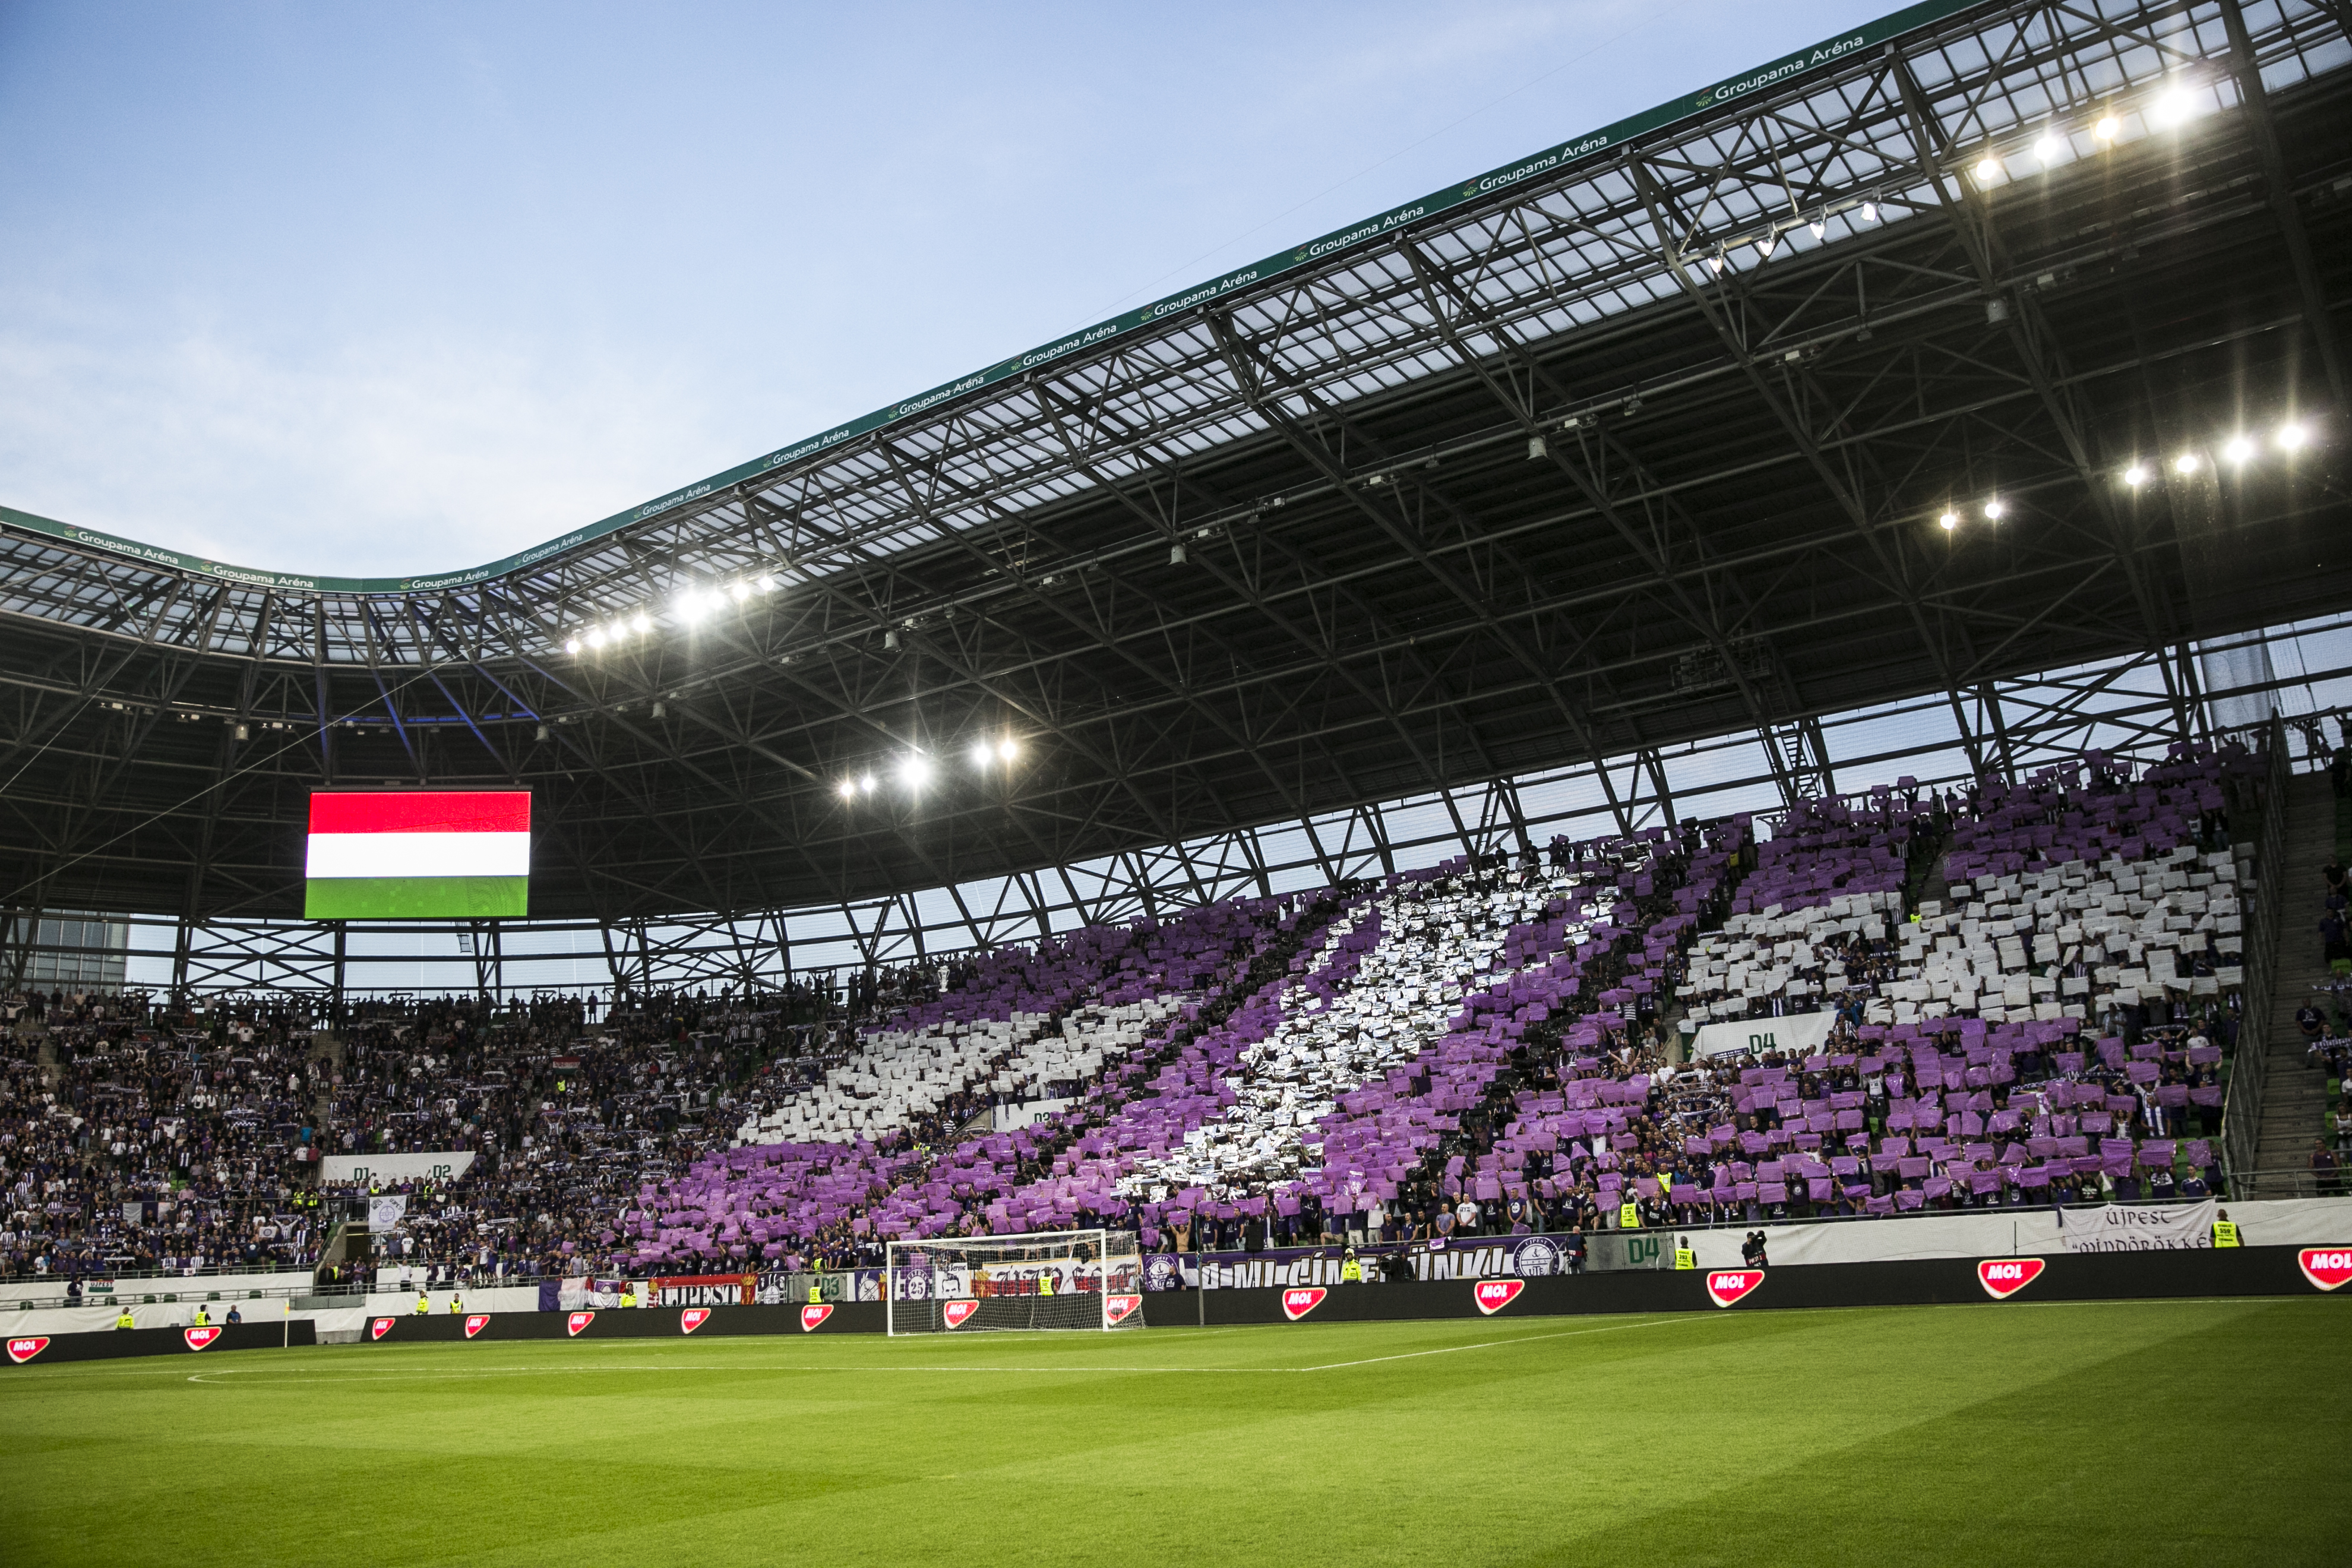 Az Újpest-Debrecen meccset is vizsgálja a rendőrség, mert a szurkolók ott is megszegték a távolságtartási szabályokat